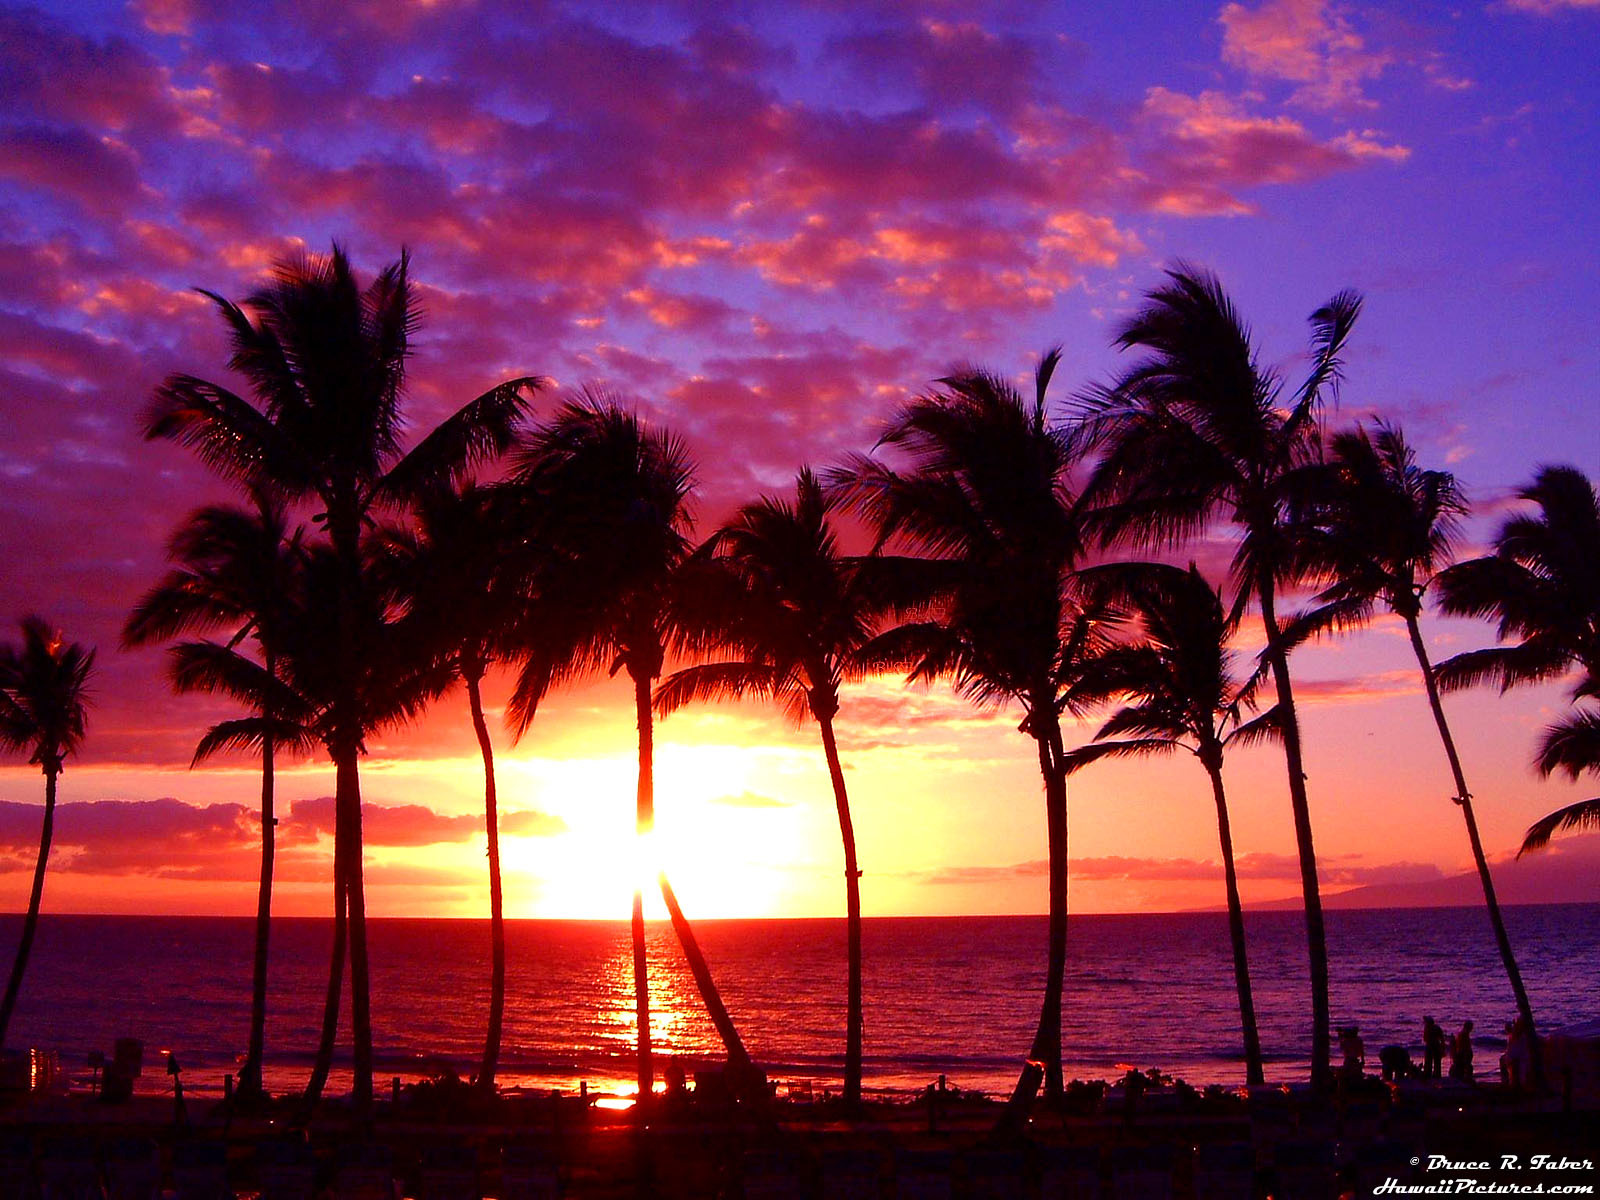 12581 скачать обои Пейзаж, Закат, Солнце, Пальмы - заставки и картинки бесплатно